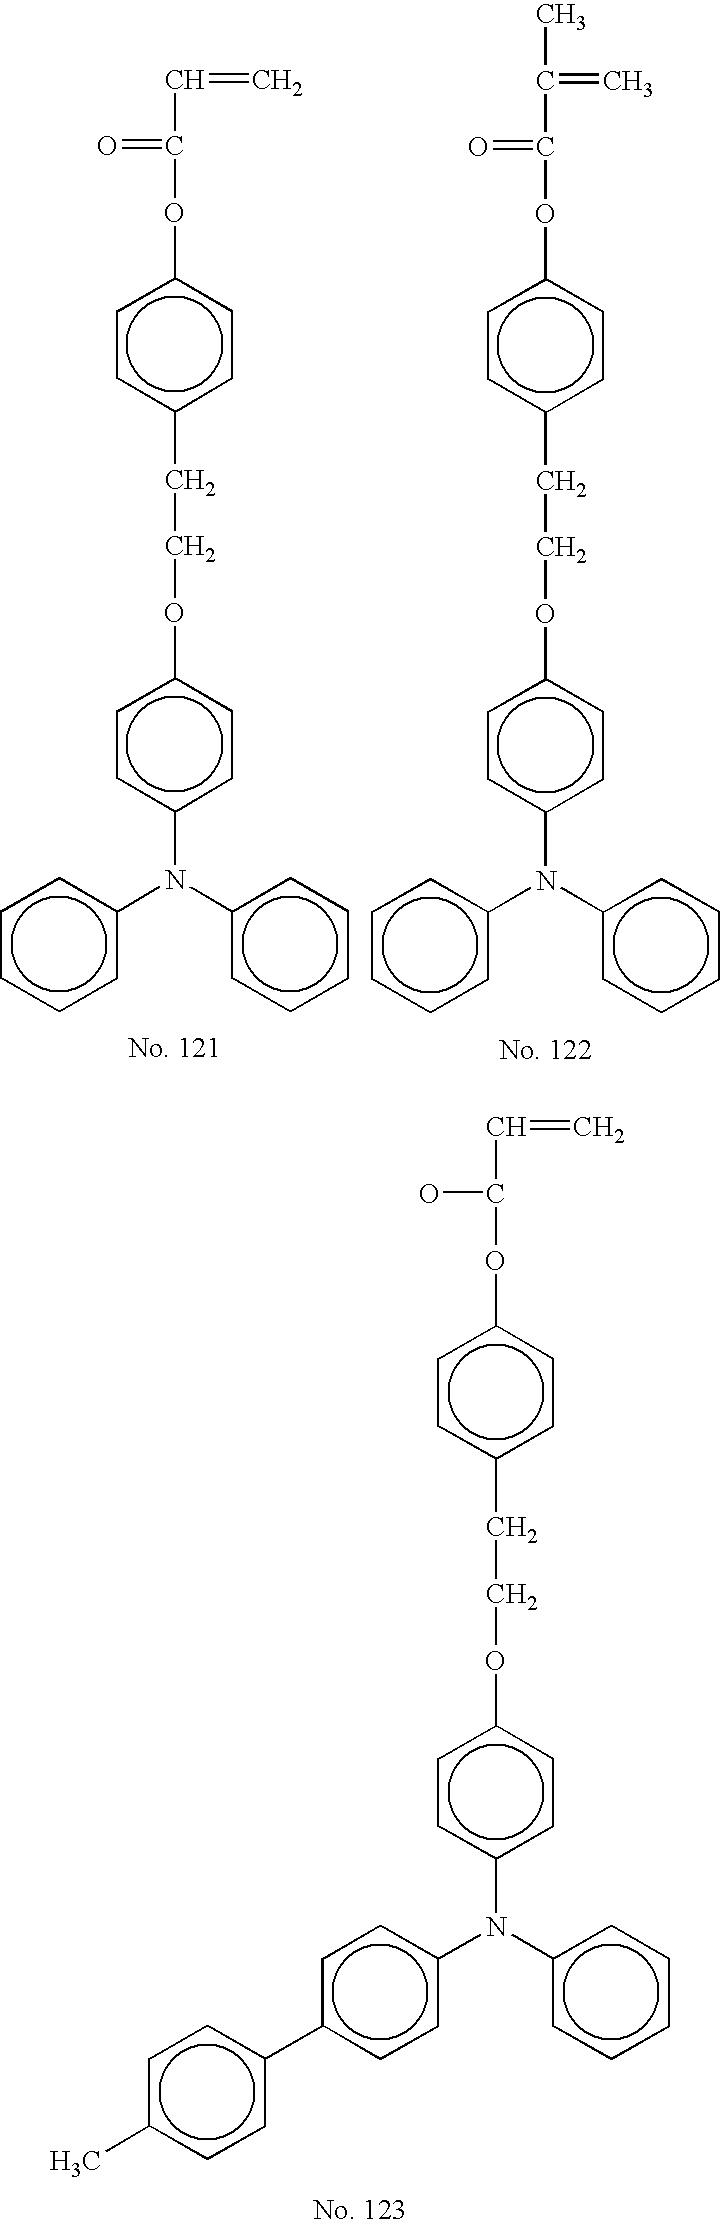 Figure US20070196749A1-20070823-C00043